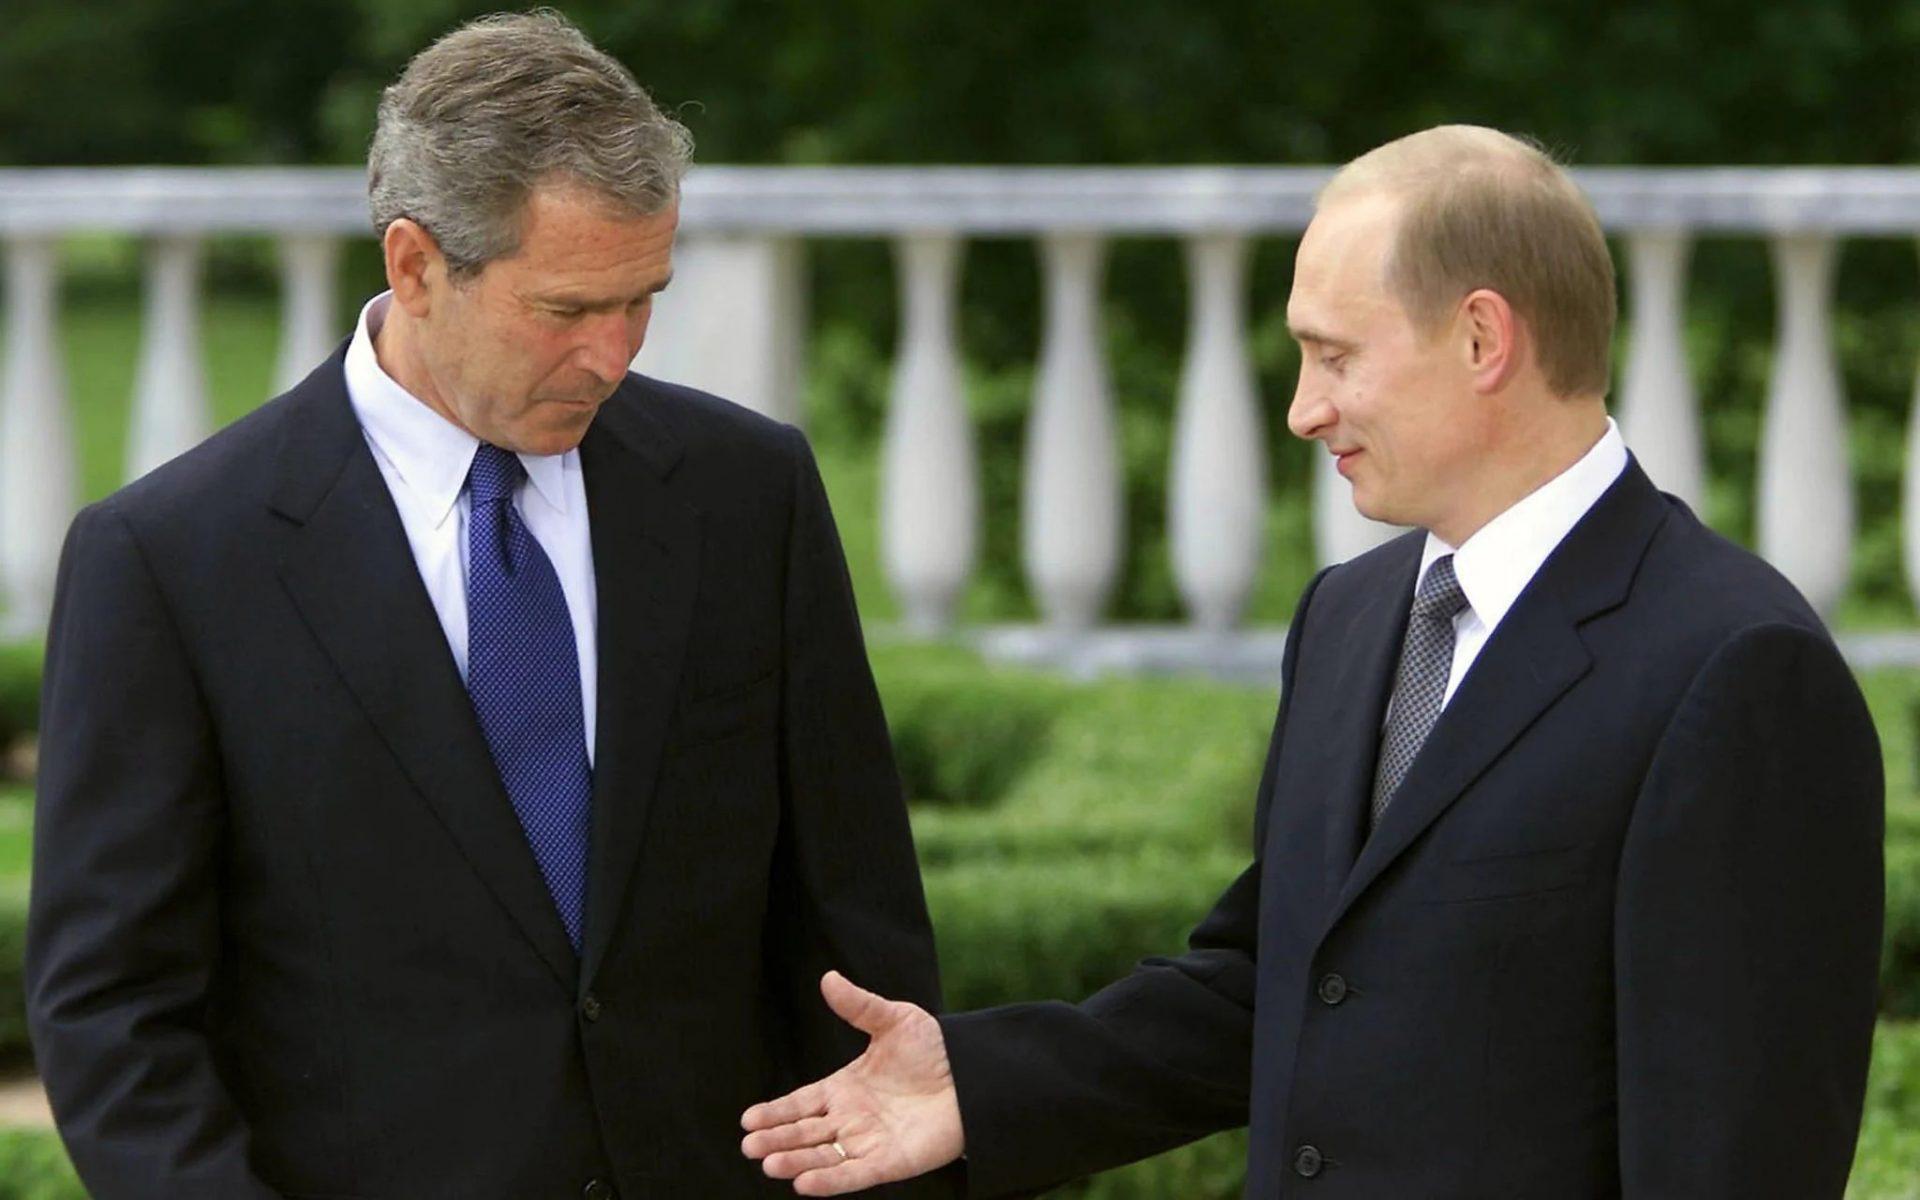 Președintele cu grătarul, impasibilul sau lingușitorul? Predecesorii lui Joe Biden au avut relații diferite cu Putin